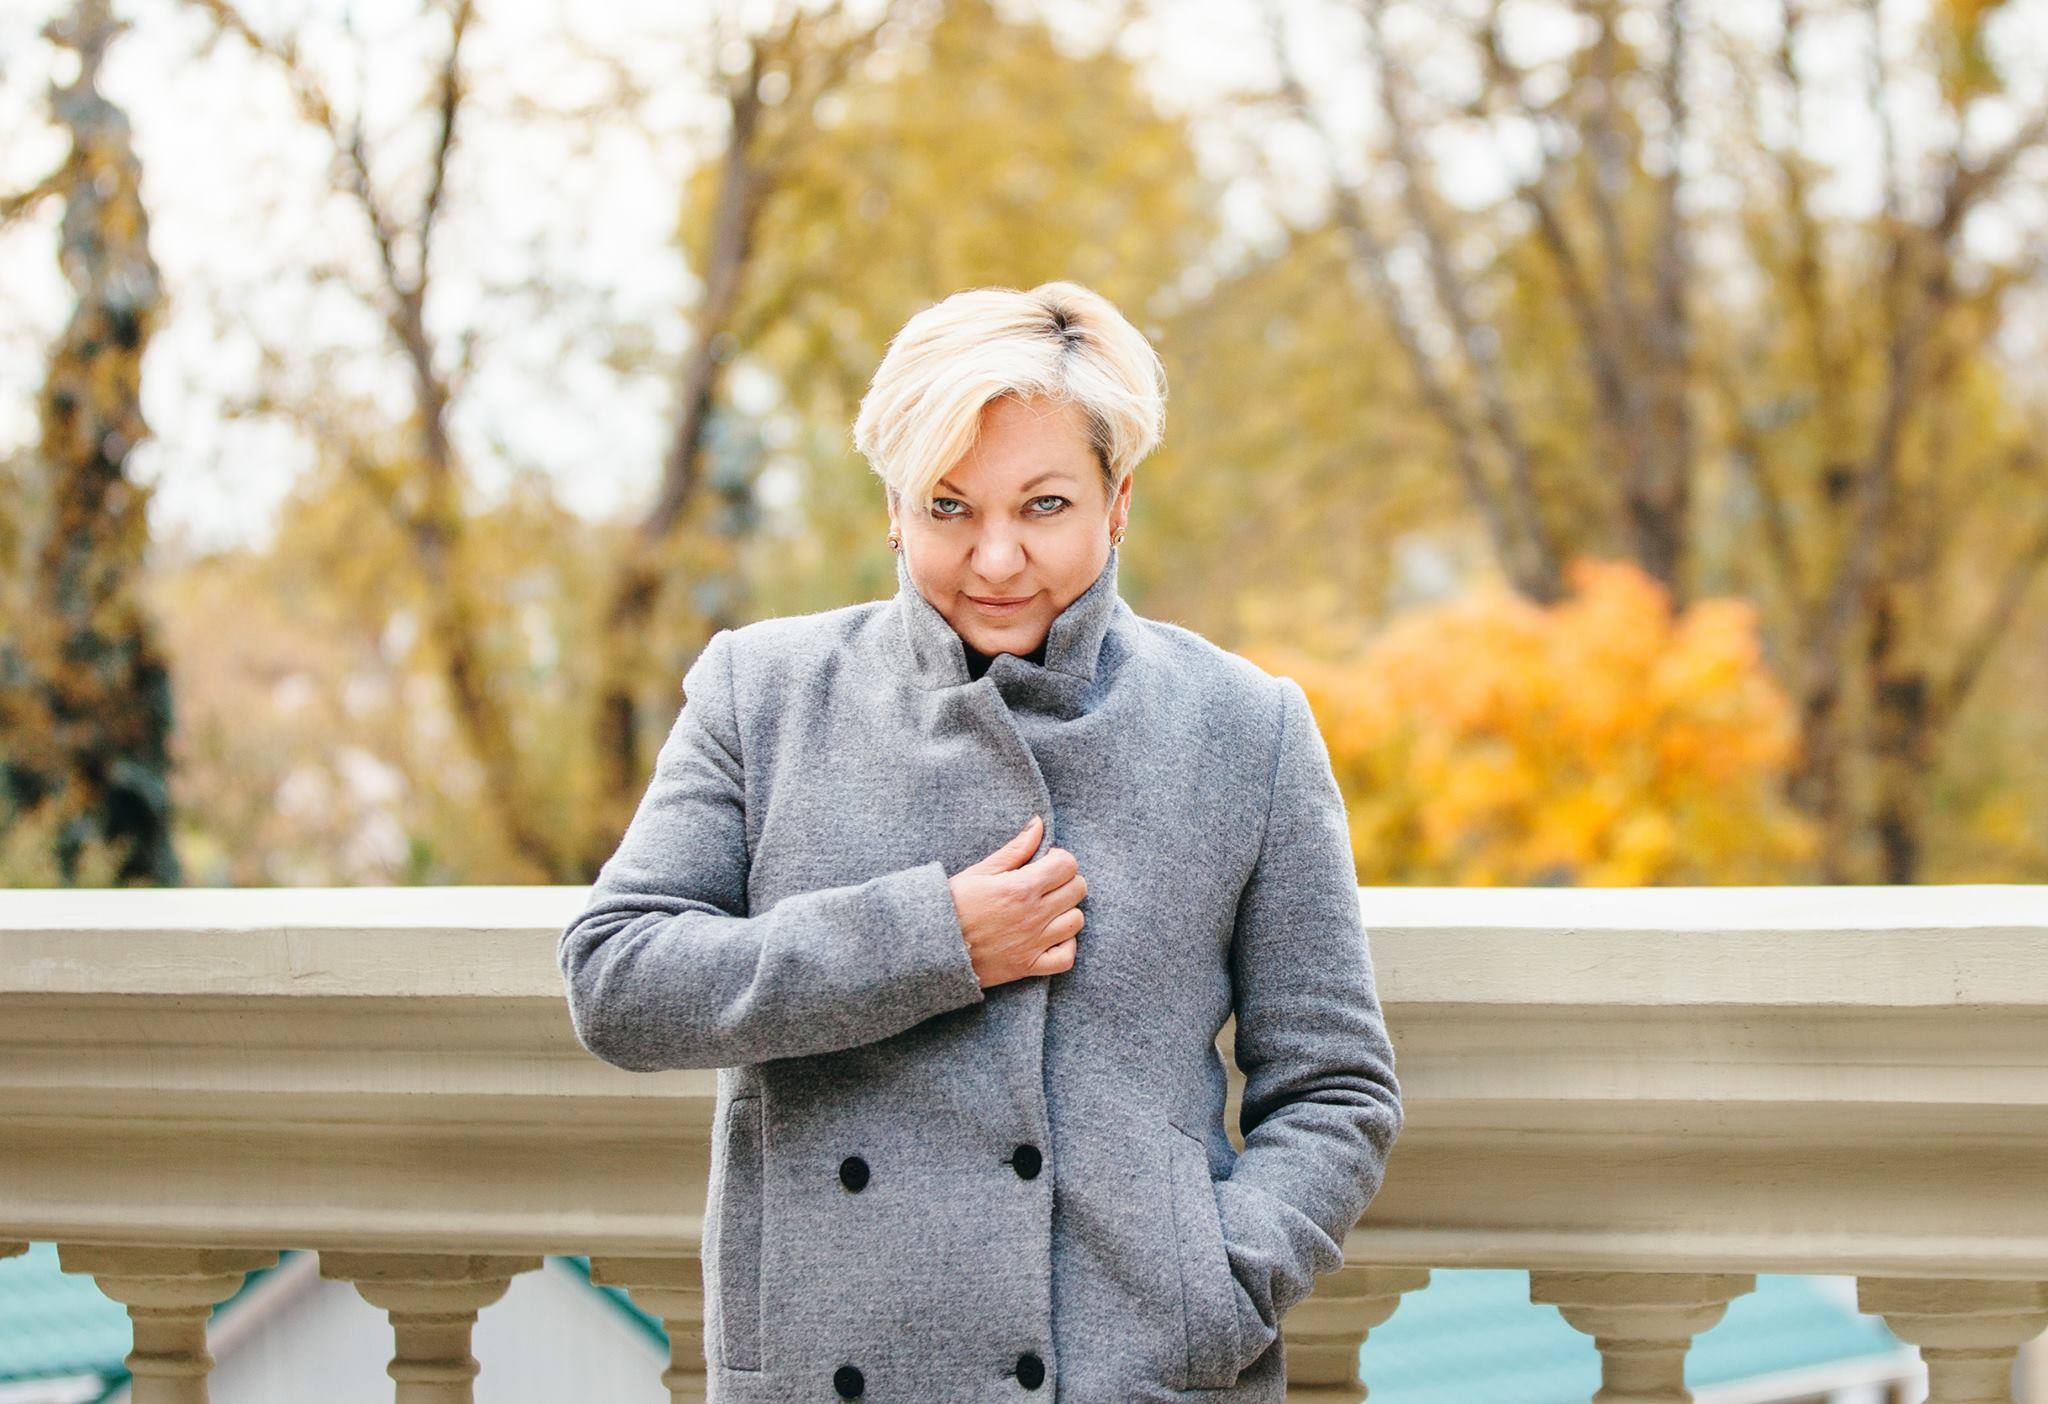 WoMo-портрет: Валерия Гонтарева